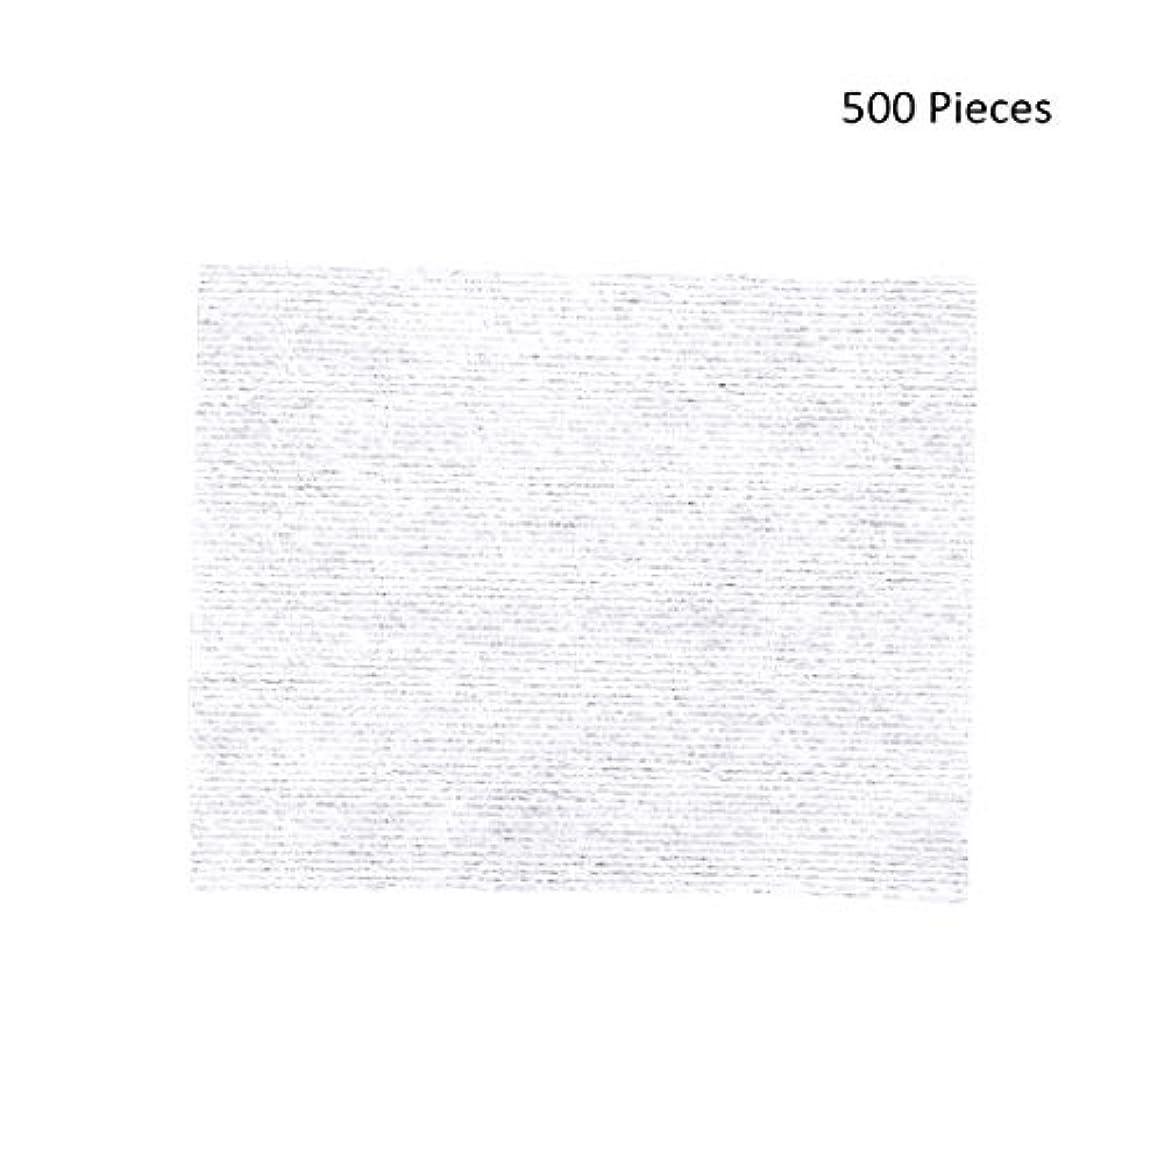 制限きしむ地域の500ピースフェイスメイクアップリムーバーワイプコットンパッドメイクアップリムーバーソフト化粧品フェイスマスククレンジングケアフェイシャルコットンパッド (Color : White, サイズ : 6*5cm)